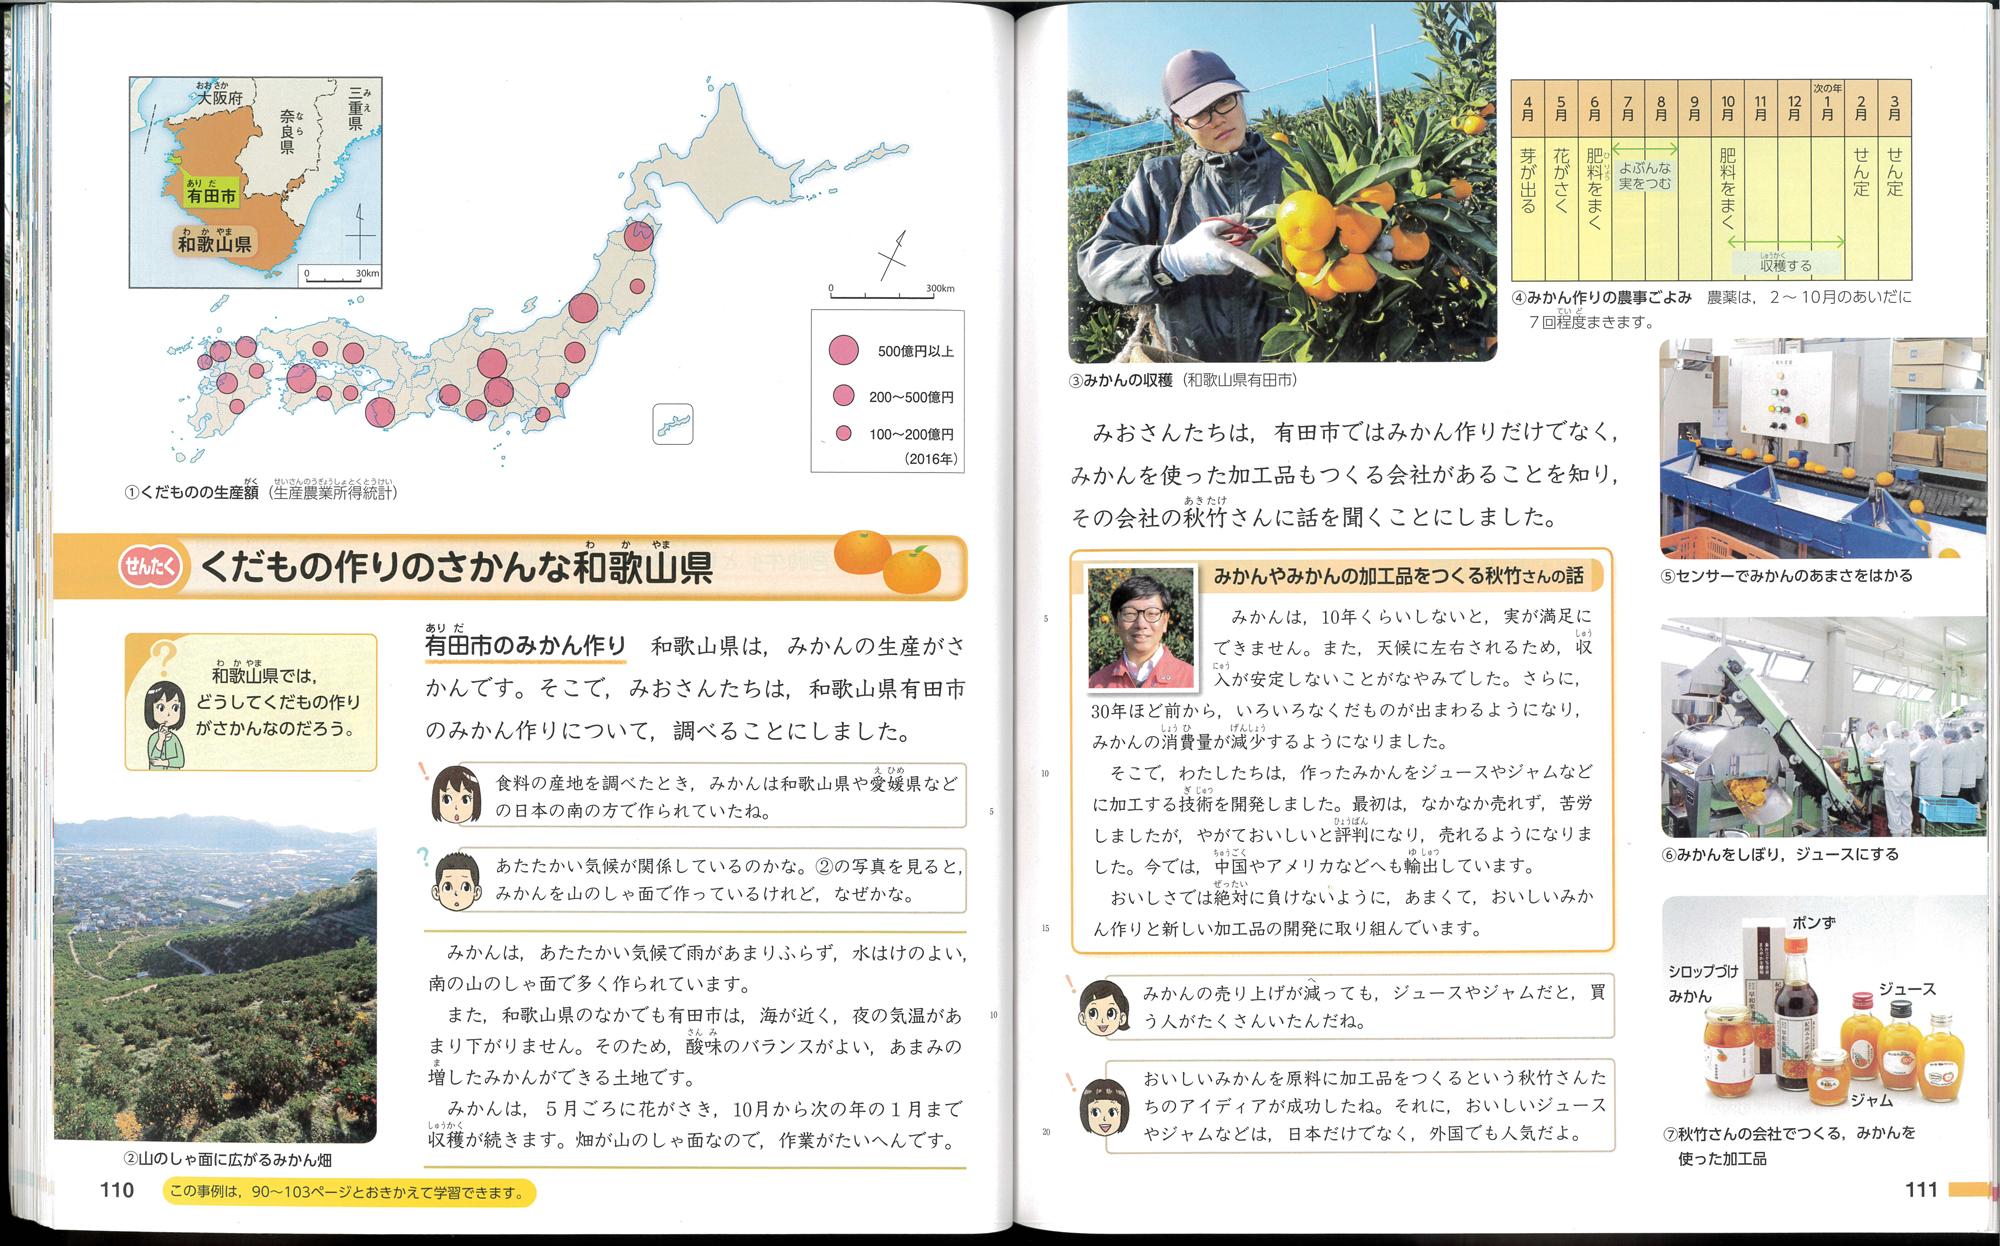 くだもの作りのさかんな和歌山県というページに早和果樹園が載っています